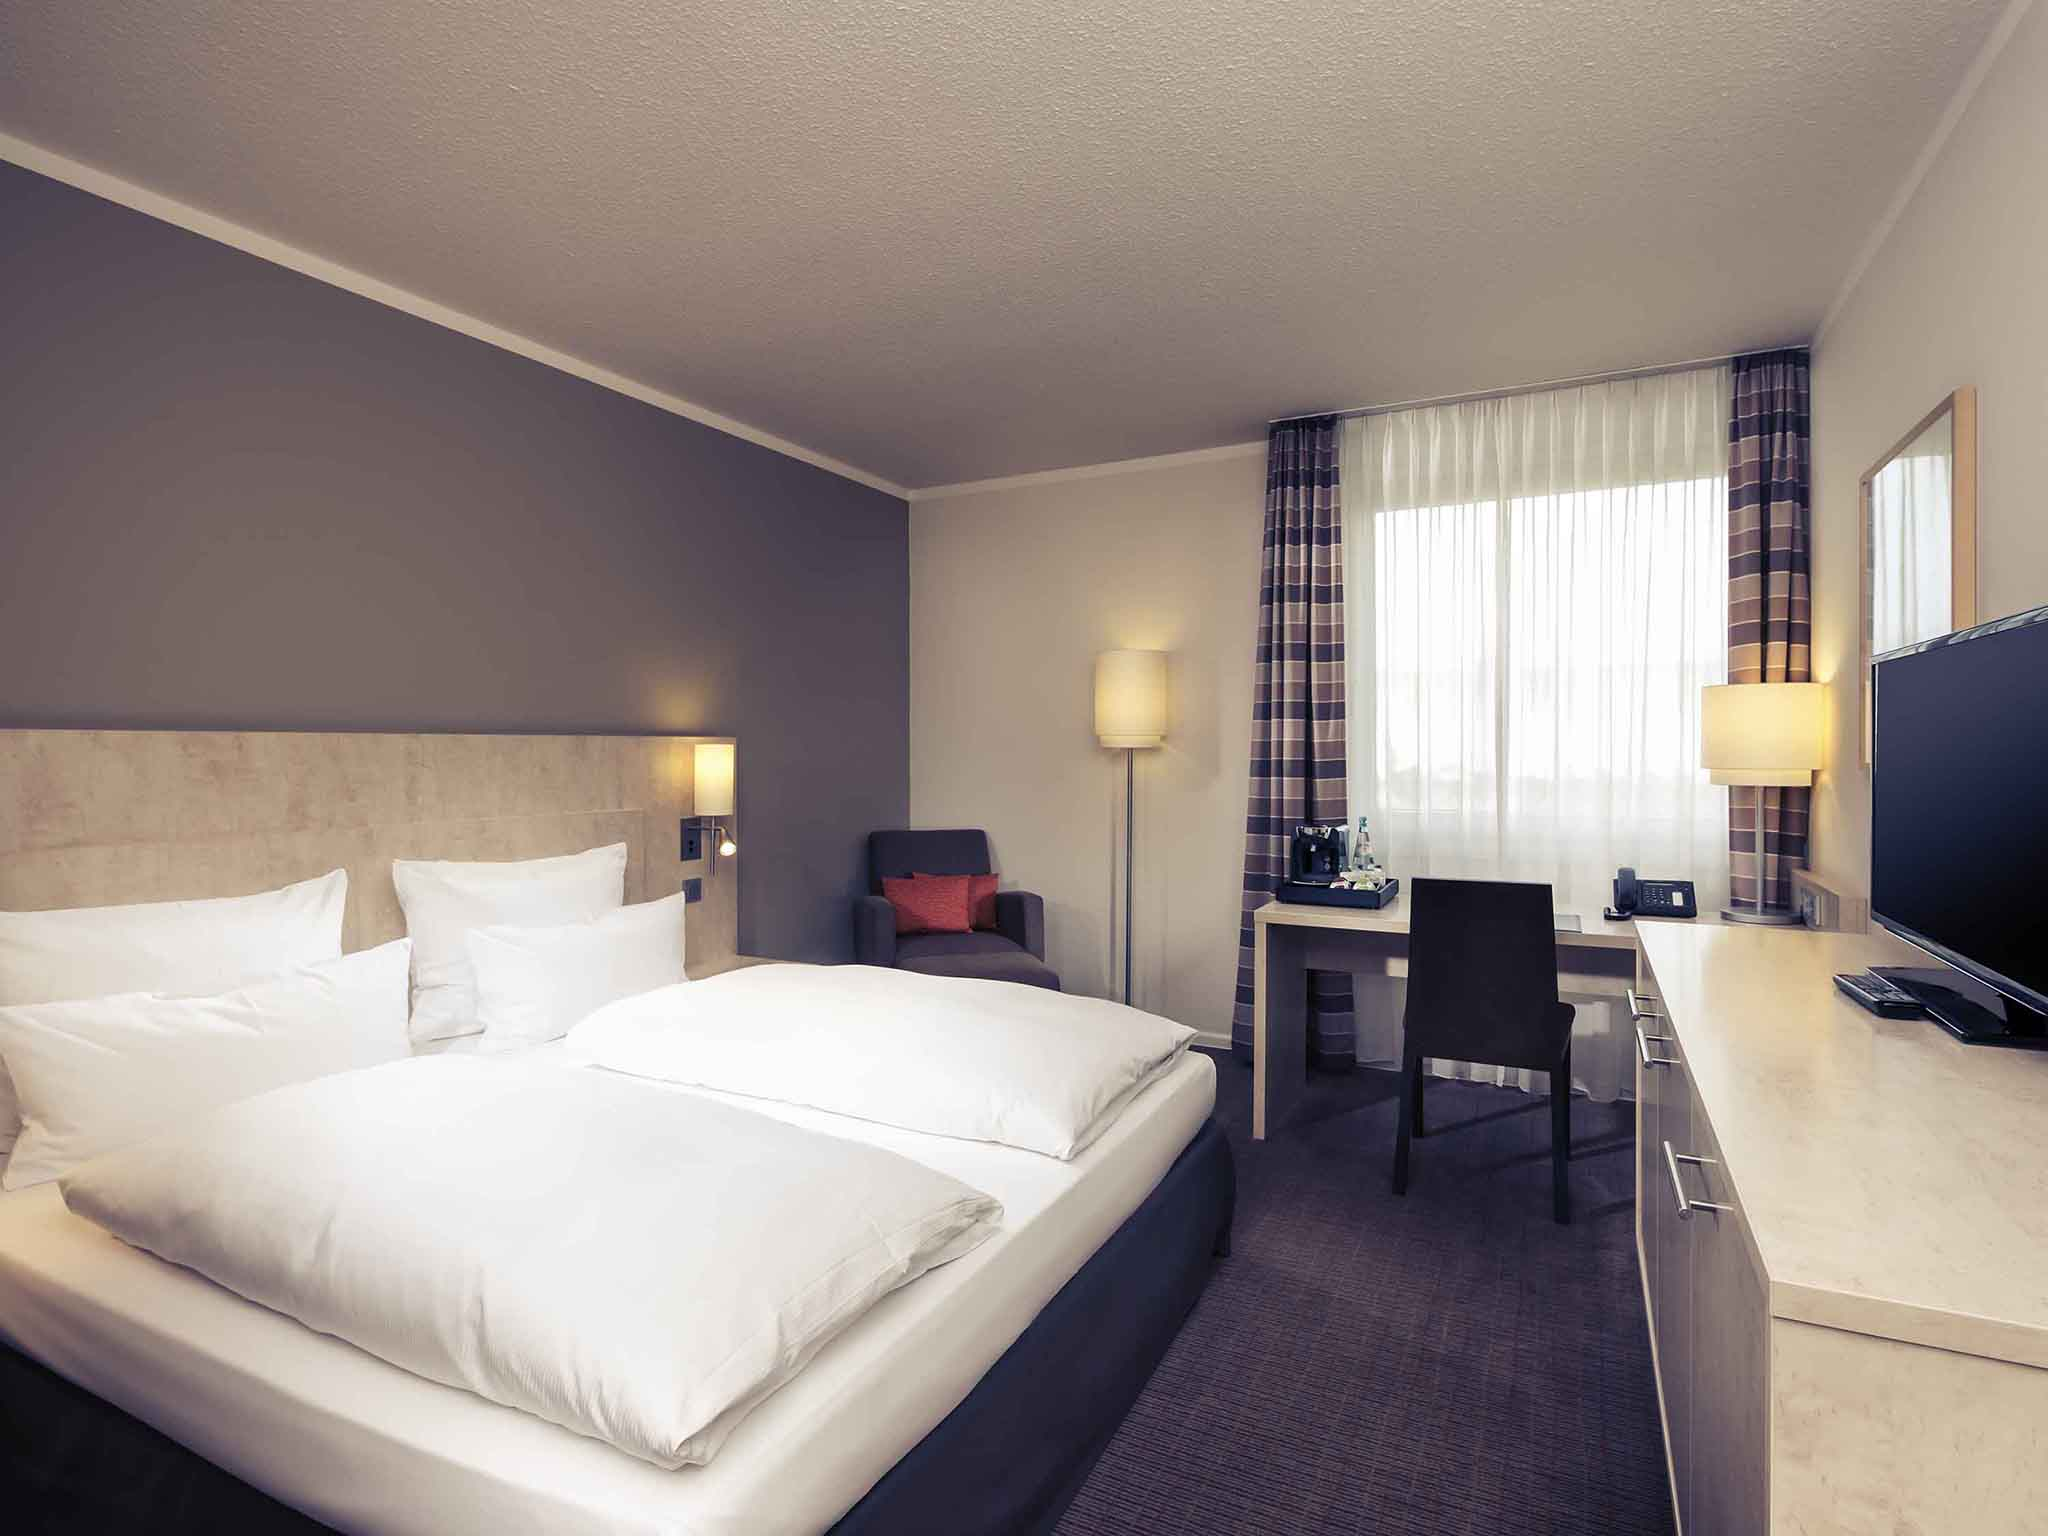 فندق - فندق مركيور Mercure دوسلدورف سود